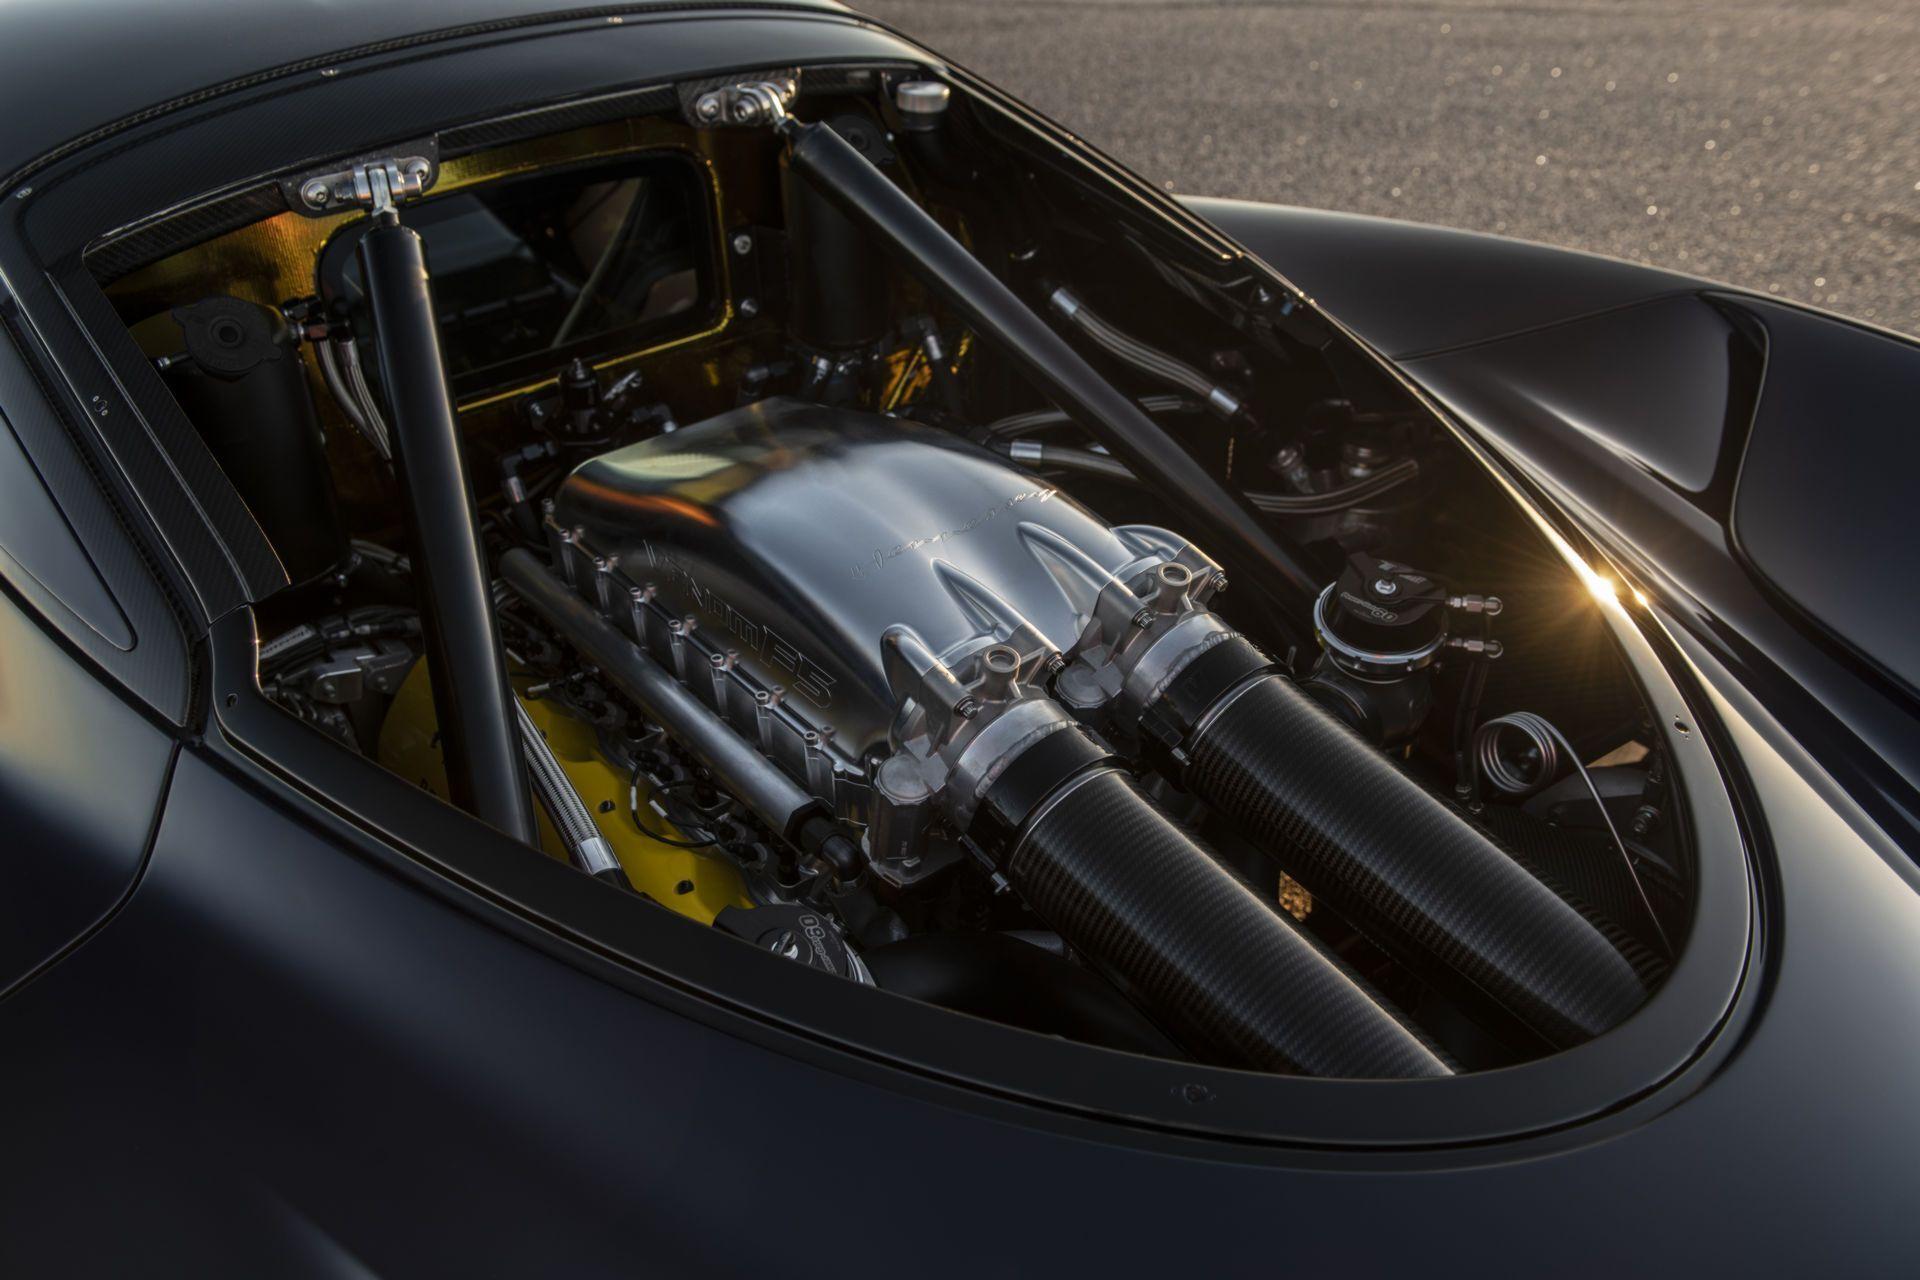 Hennessey Venom F5 оснащен 6,6-литровым двигателем V8 с двойным турбонаддувом, развивающим 1817 л.с. и 1617 Нм